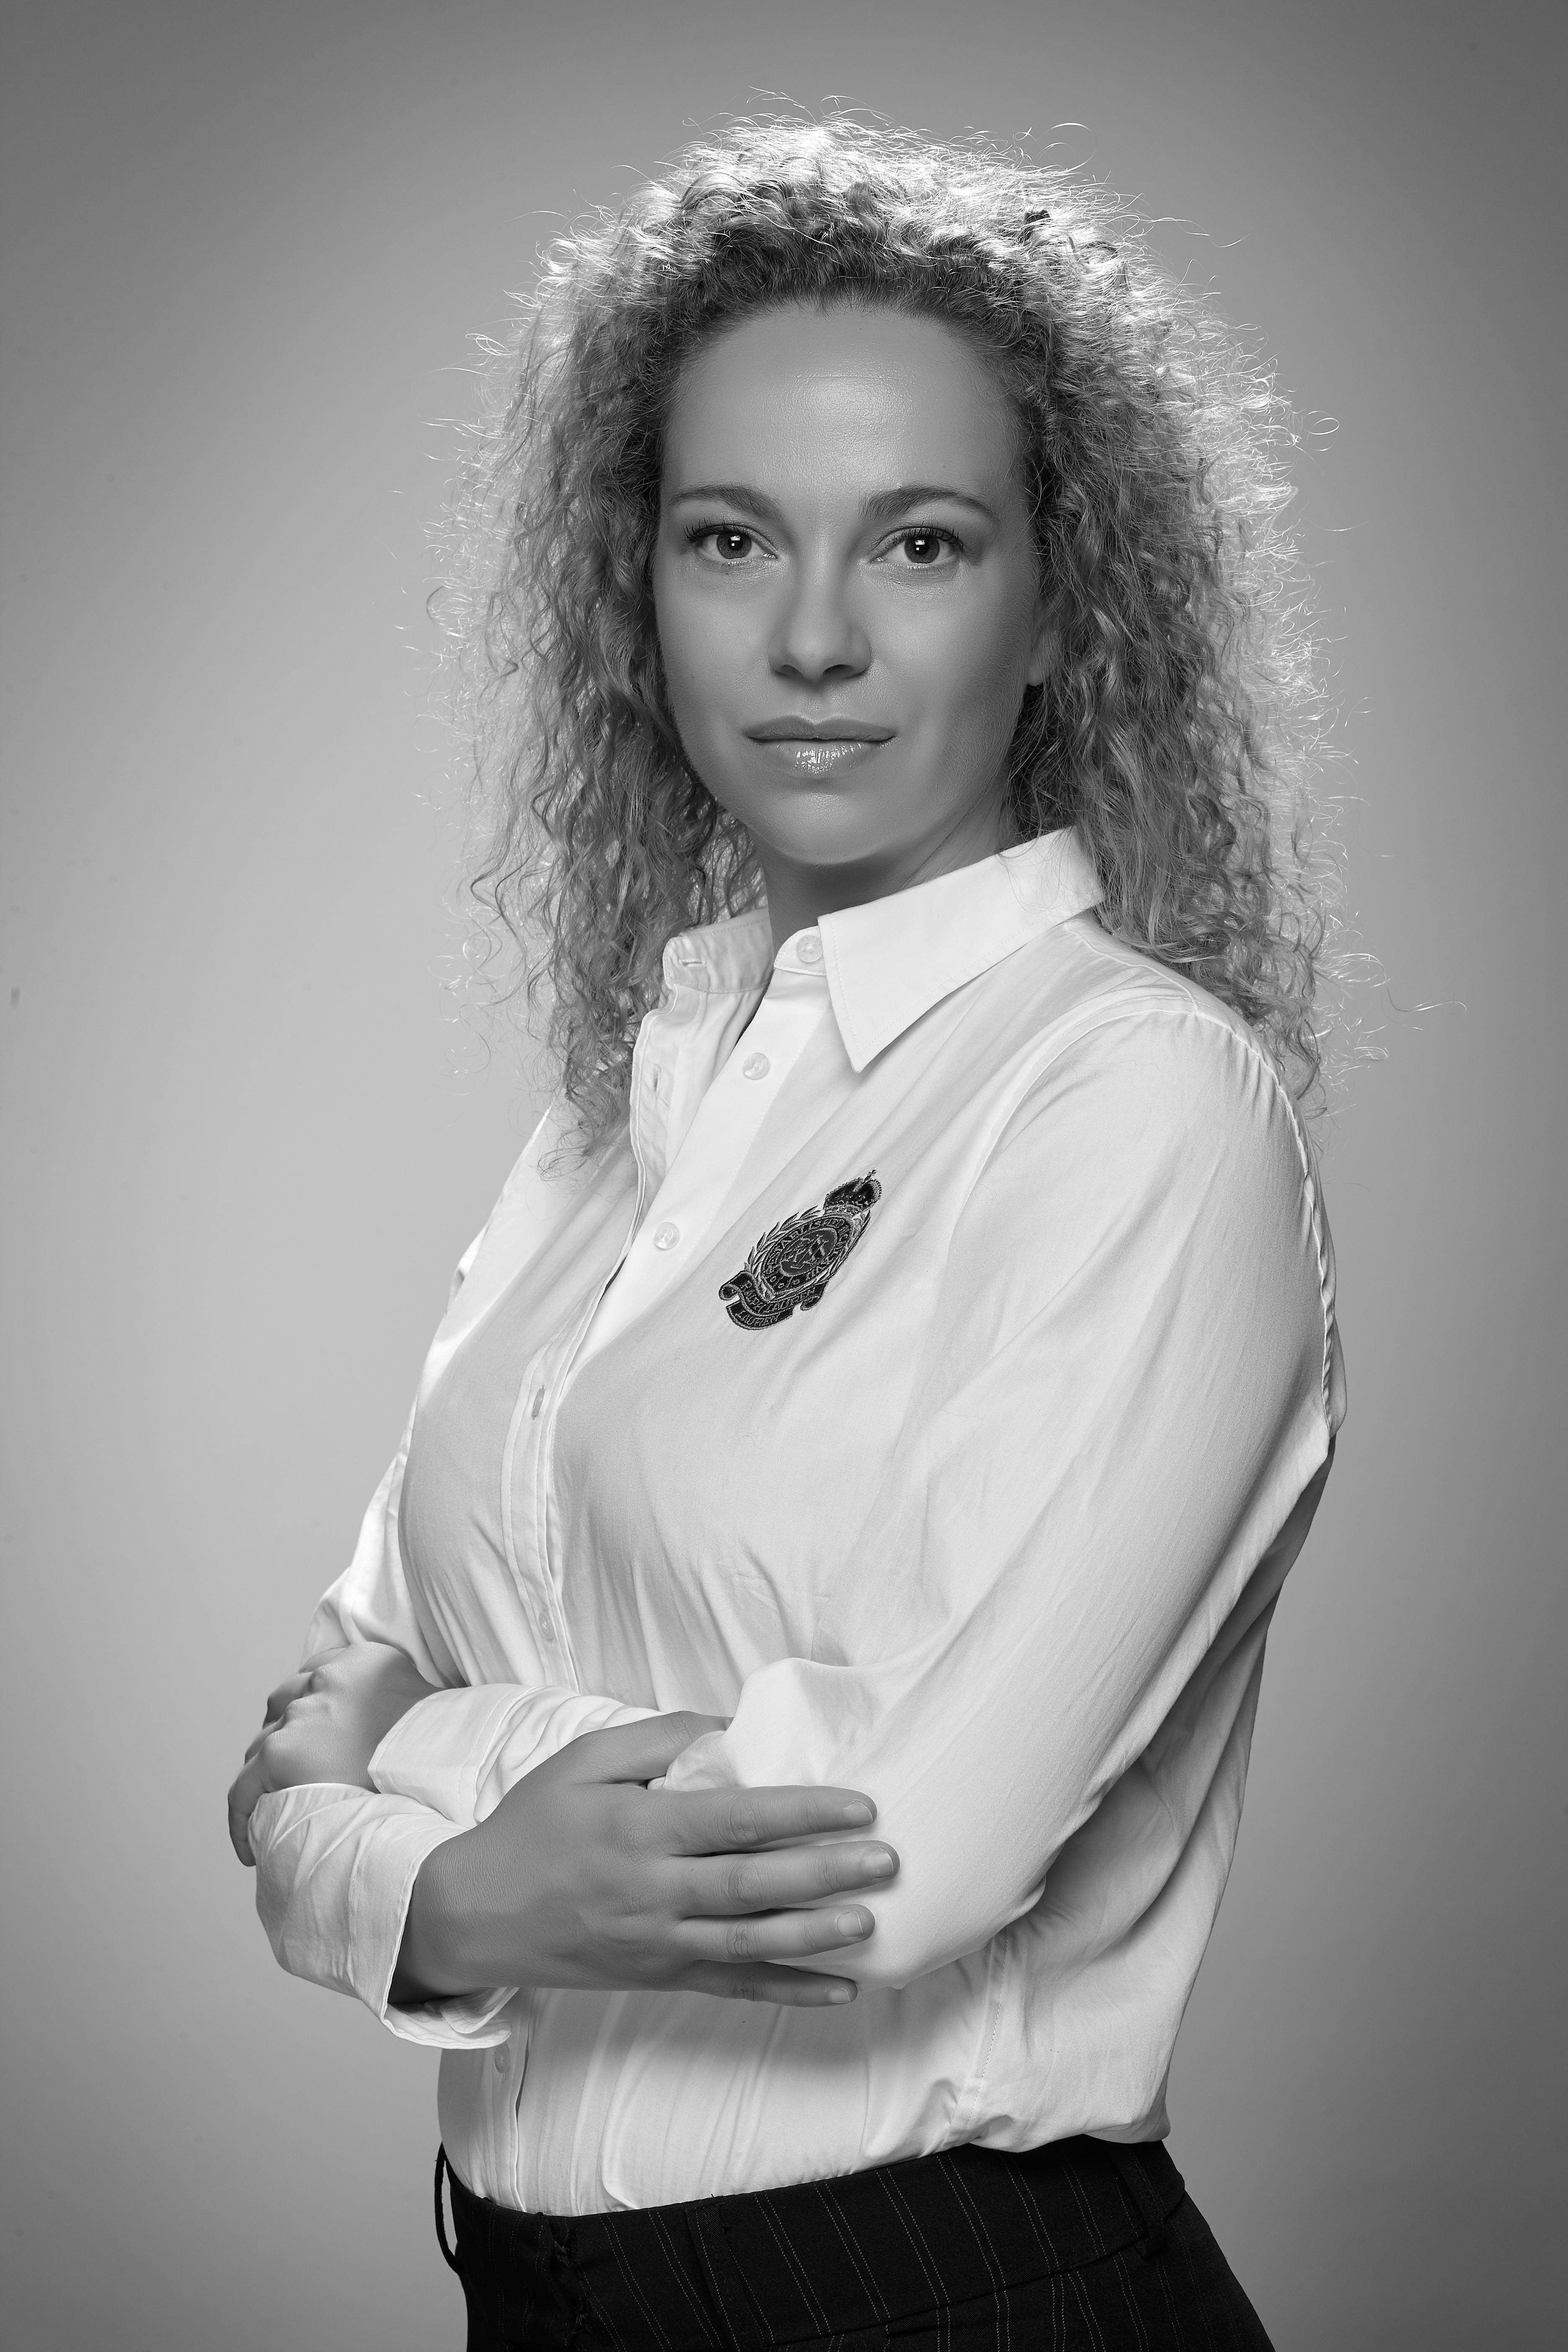 Teodora Bivolarska